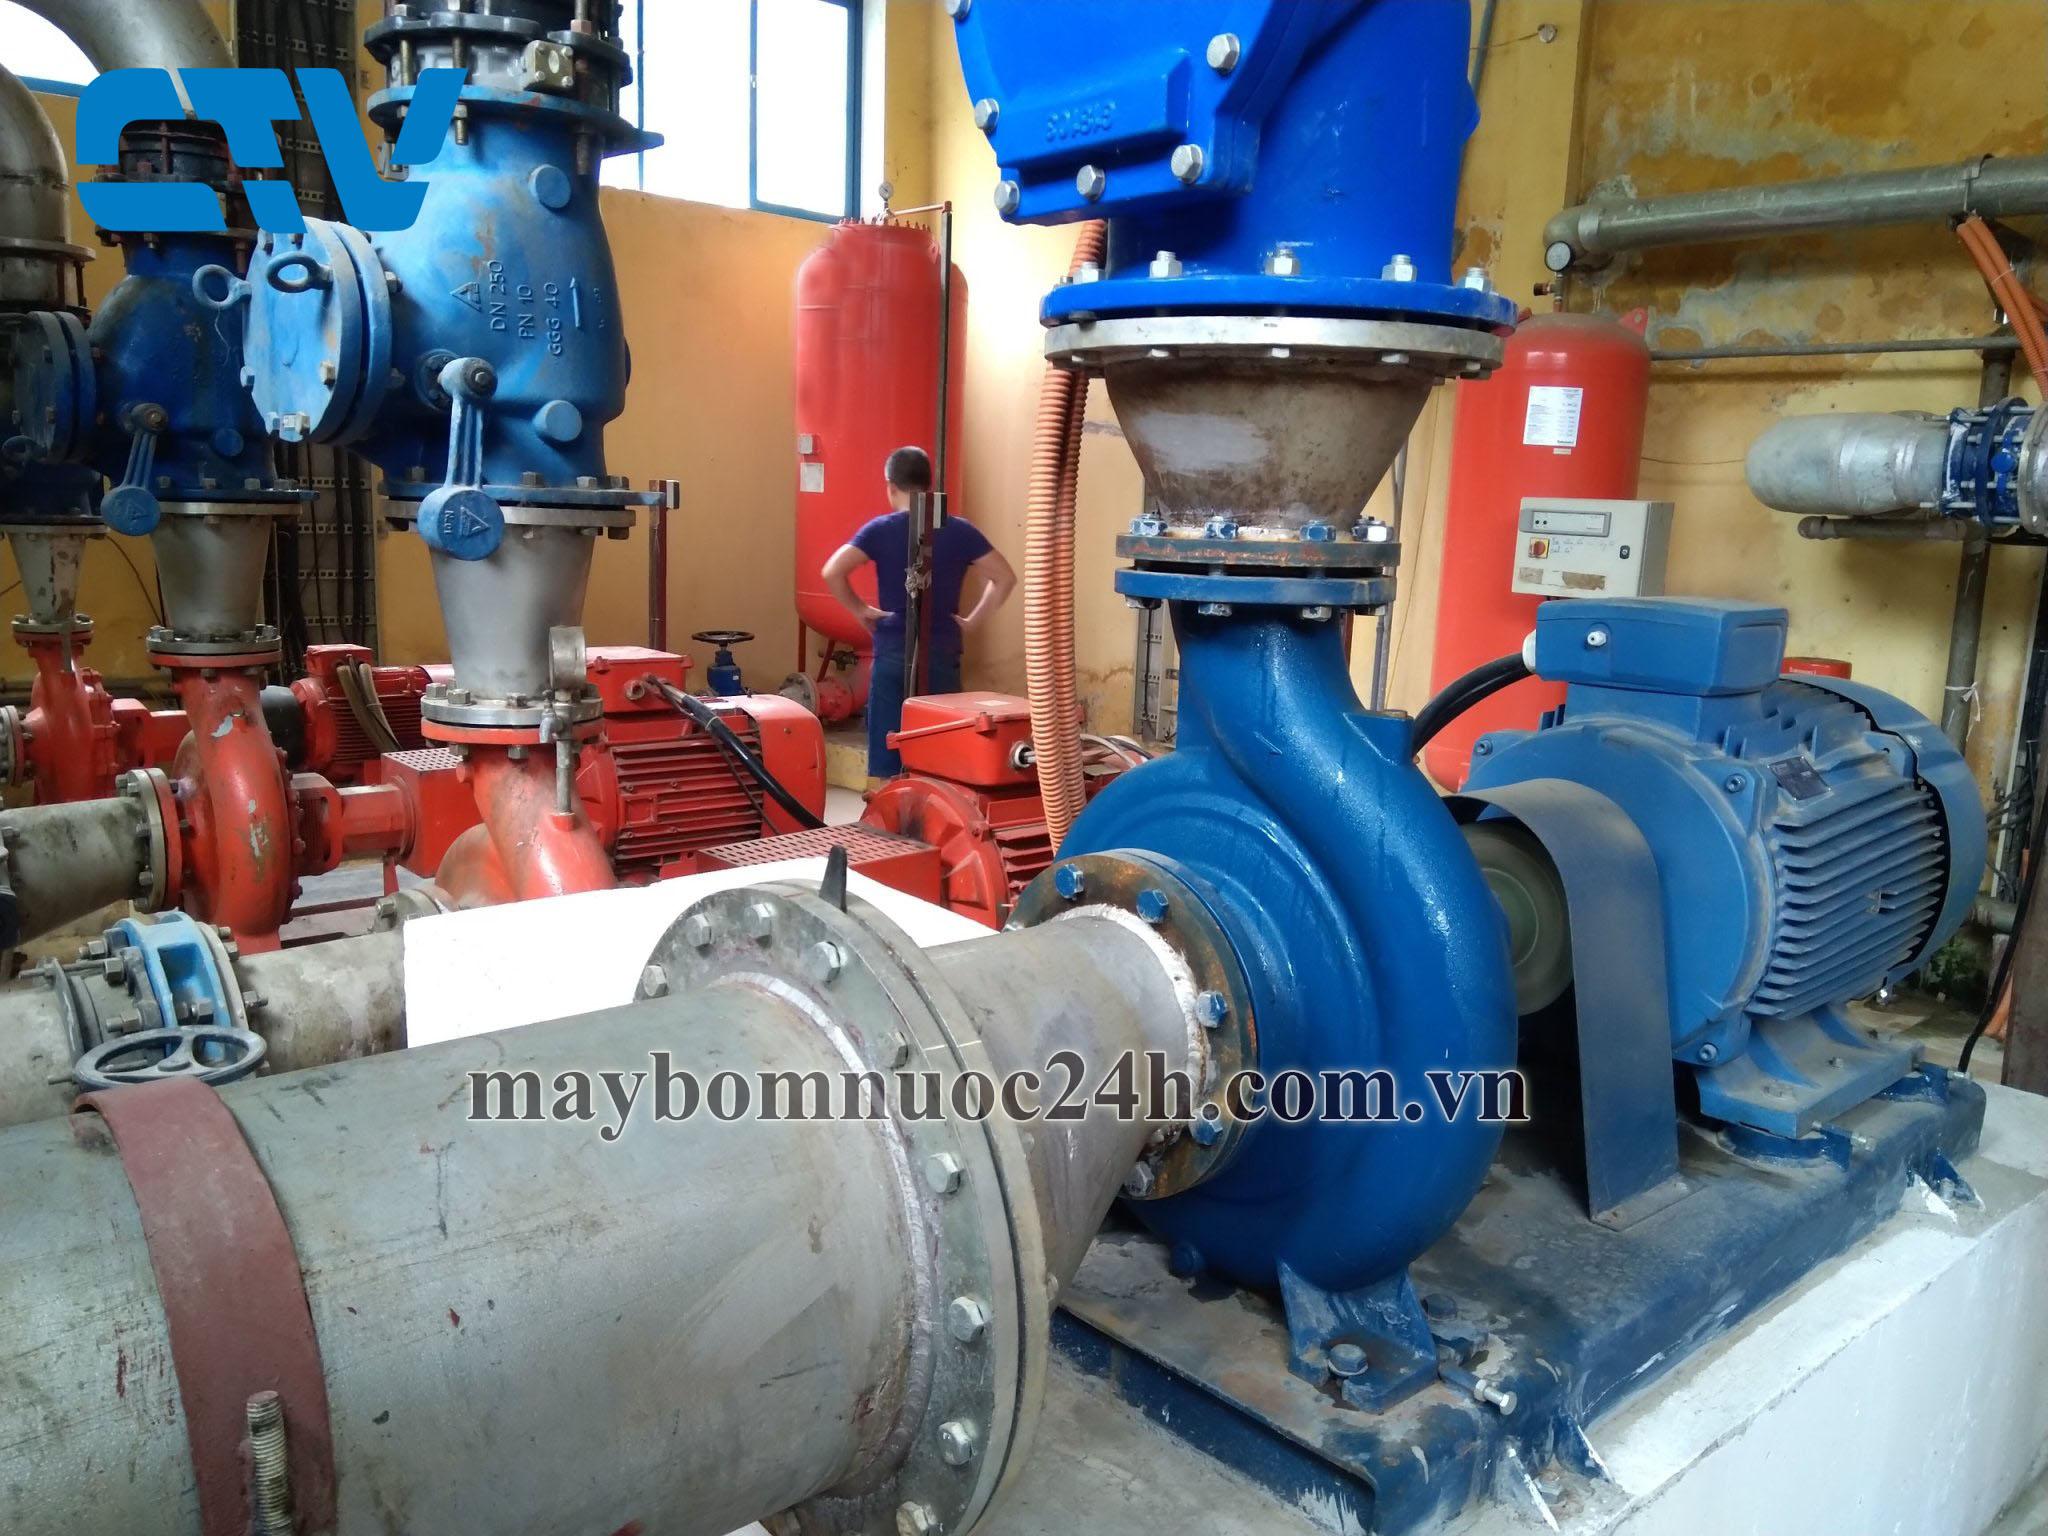 Lắp đặt bình tích áp Wates 1000l cho Hệ thống cấp nước sạch Thành phố